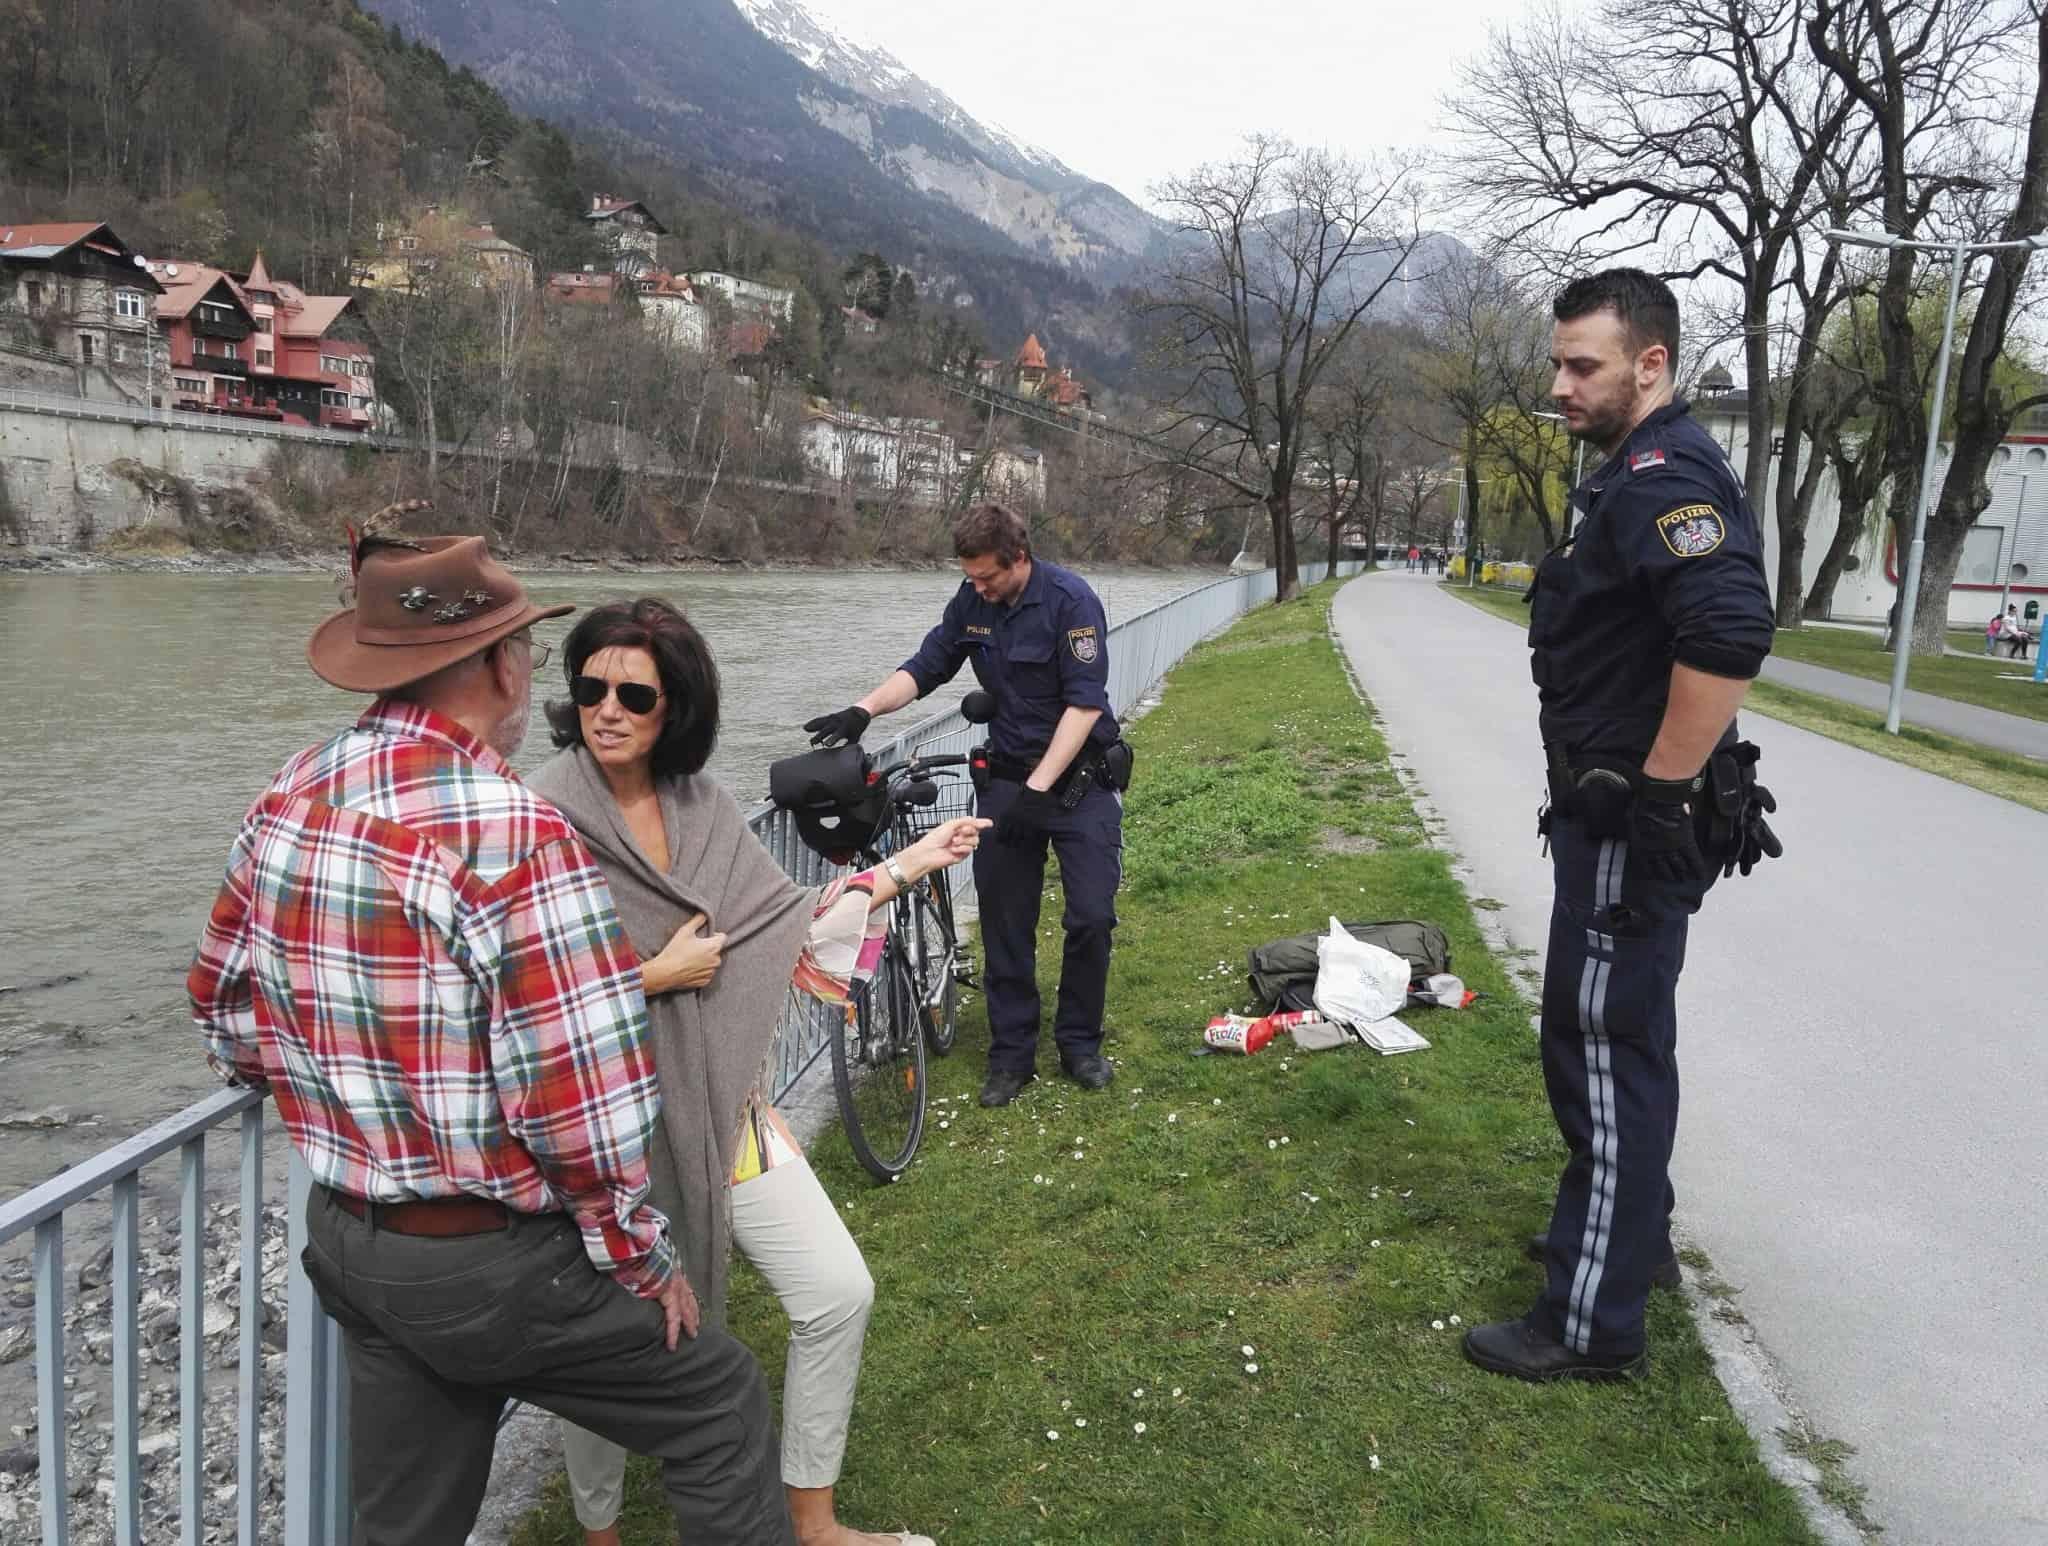 polzeieinsatz - Polizeieinsatz vor laufender Kamera